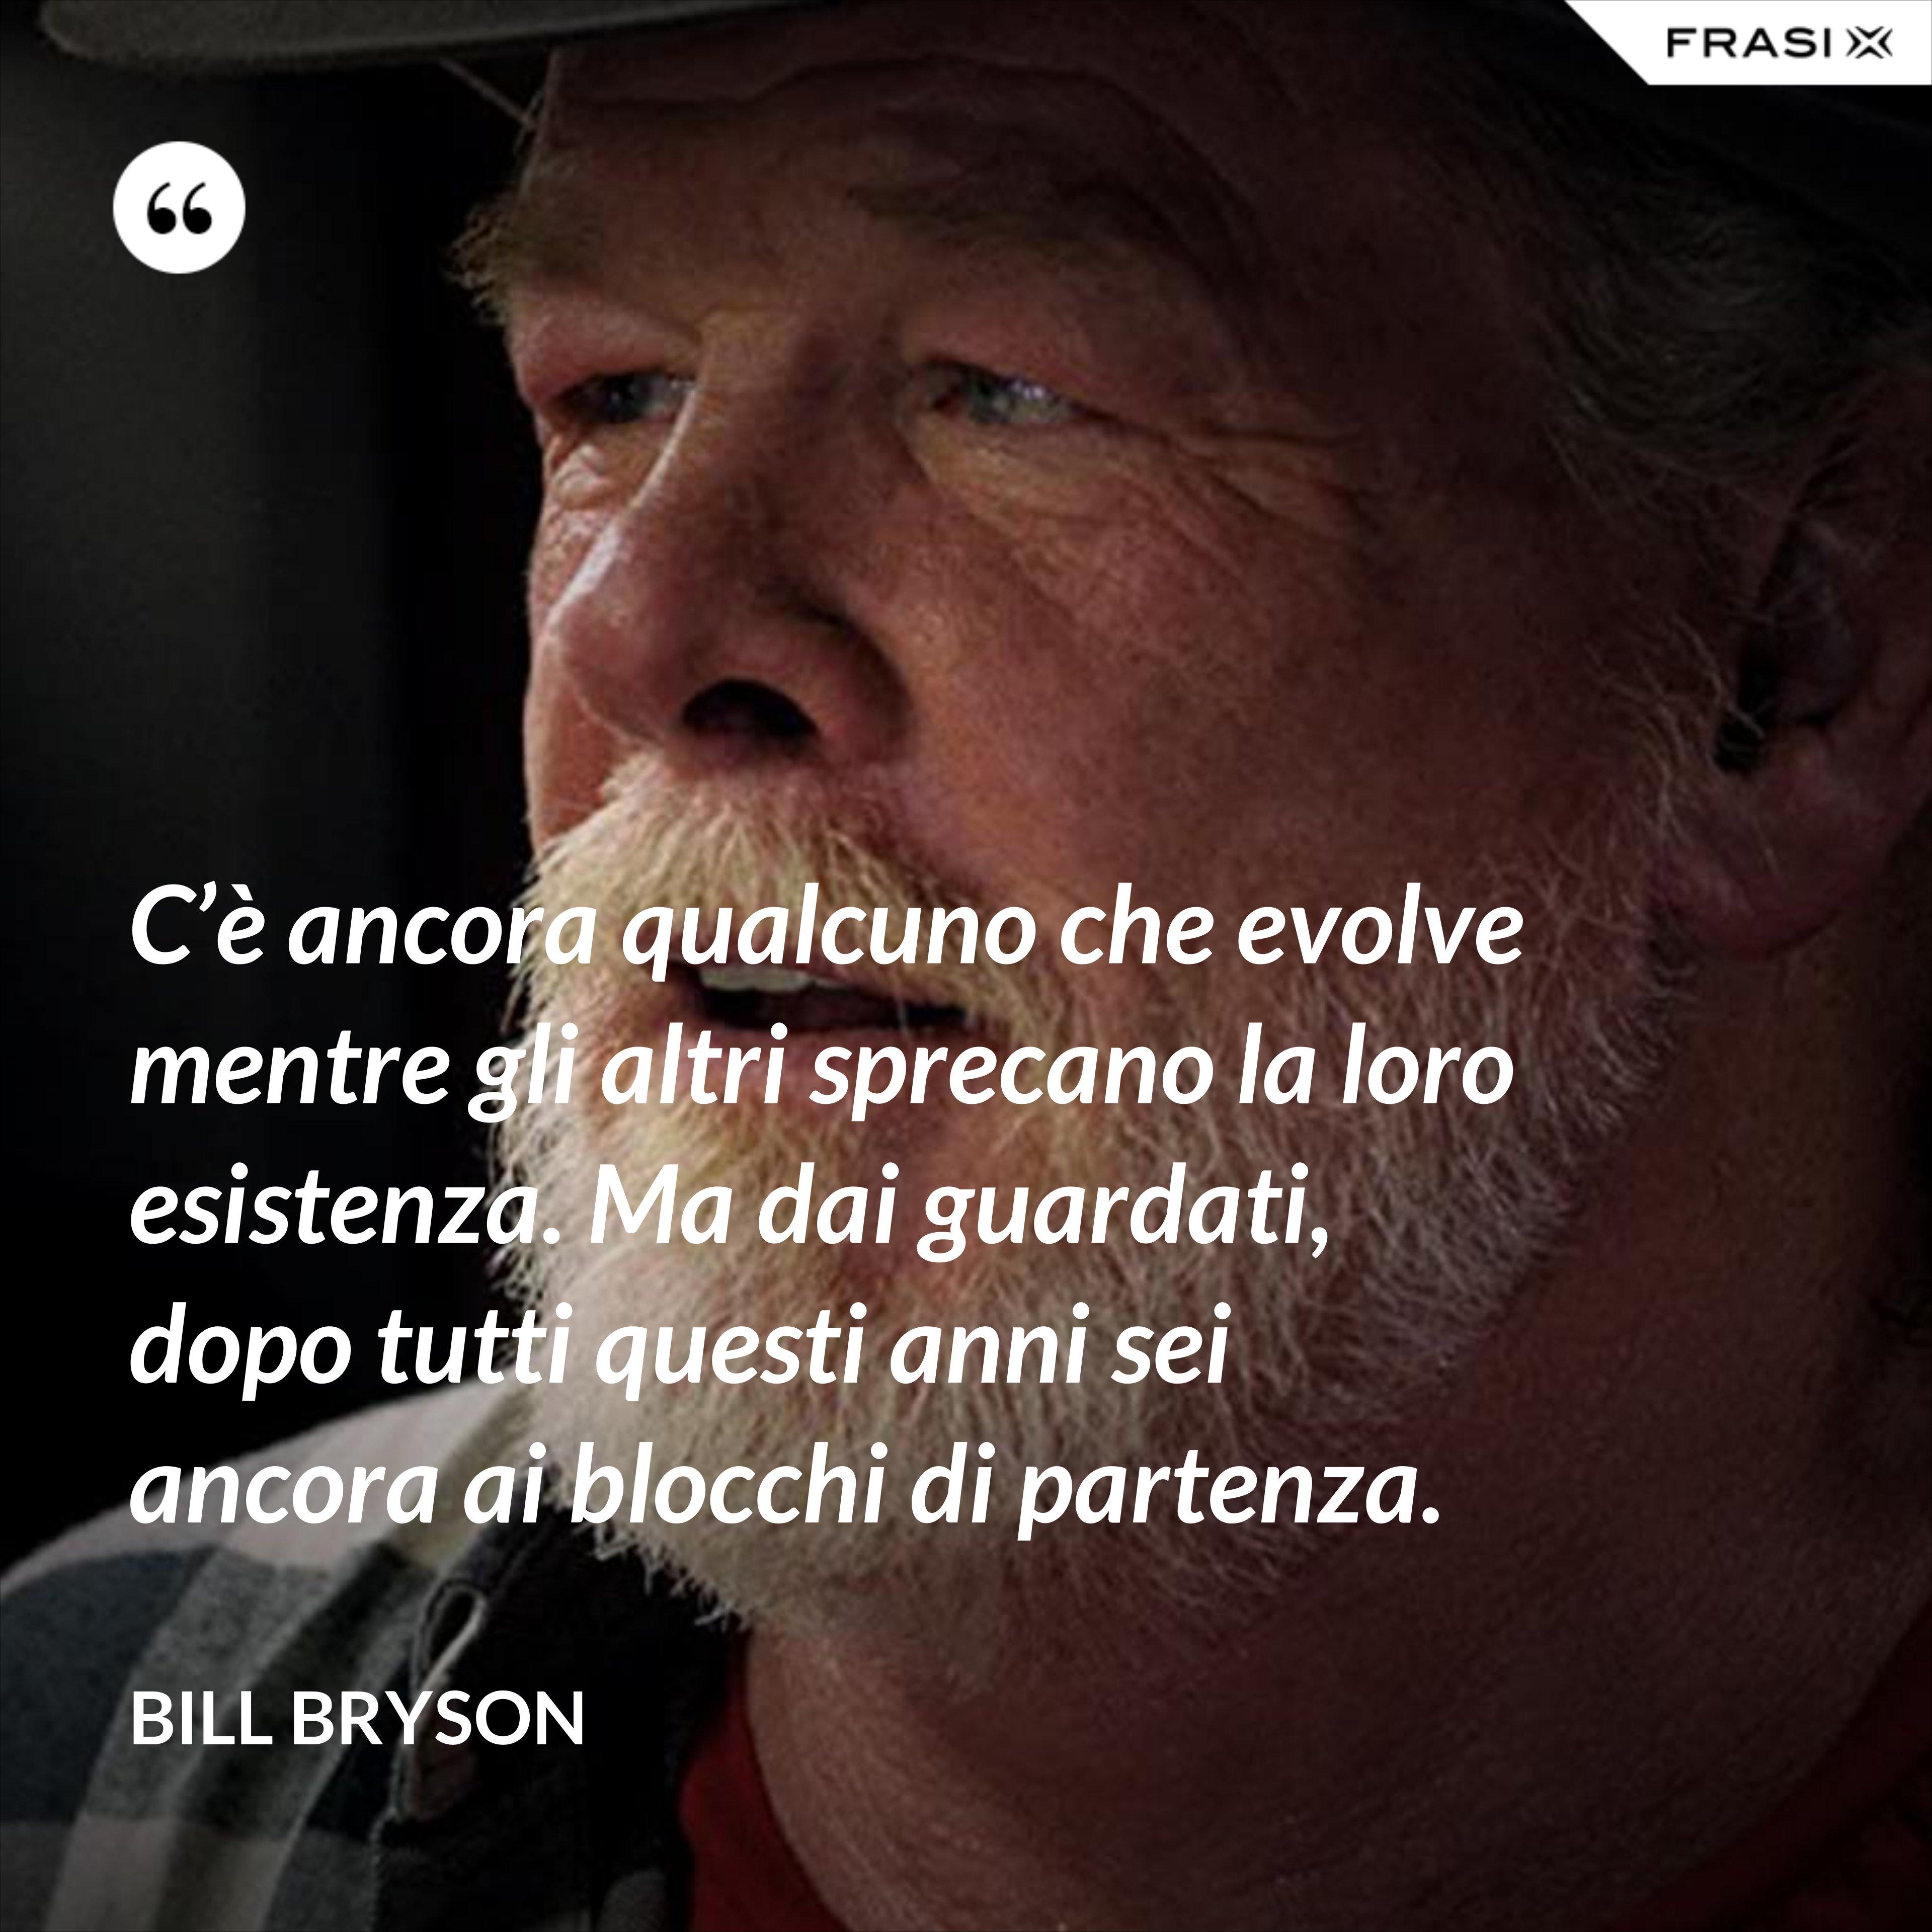 C'è ancora qualcuno che evolve mentre gli altri sprecano la loro esistenza. Ma dai guardati, dopo tutti questi anni sei ancora ai blocchi di partenza. - Bill Bryson